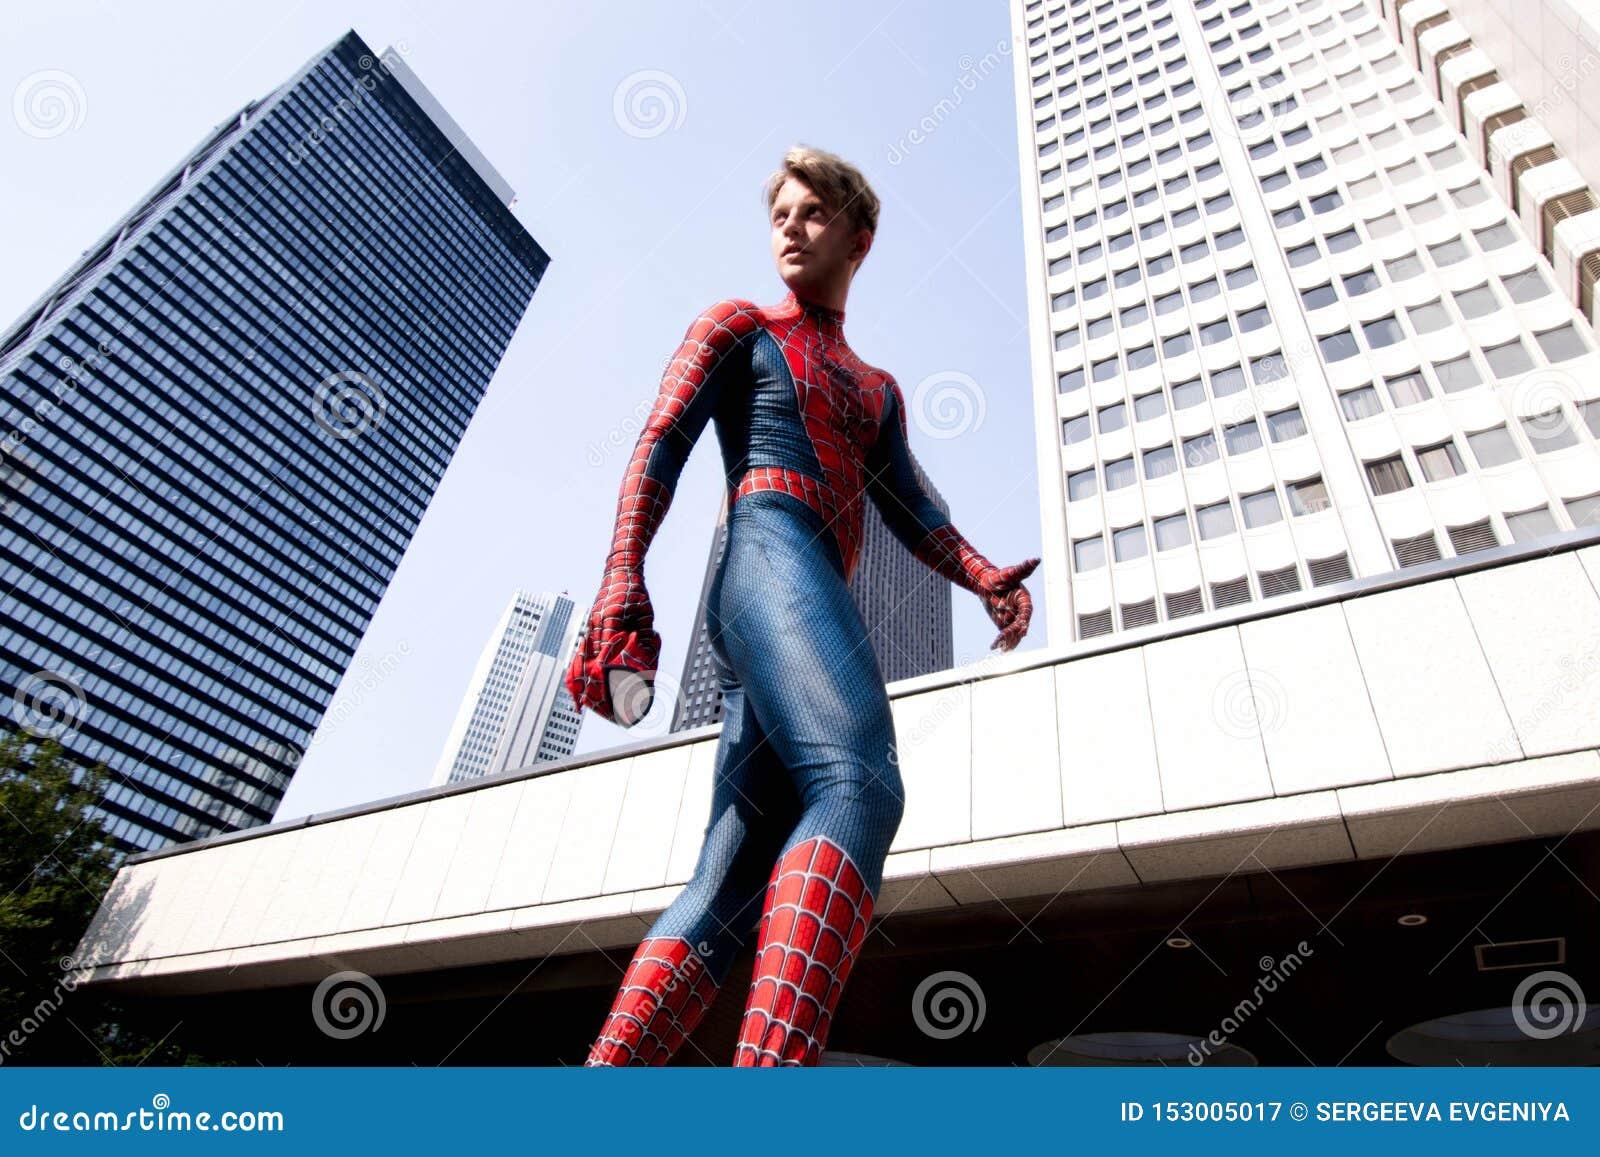 Tokio, Japón - 15 de junio de 2019: Hombre en hombre araña cómico de la maravilla del traje del super héroe en la calle